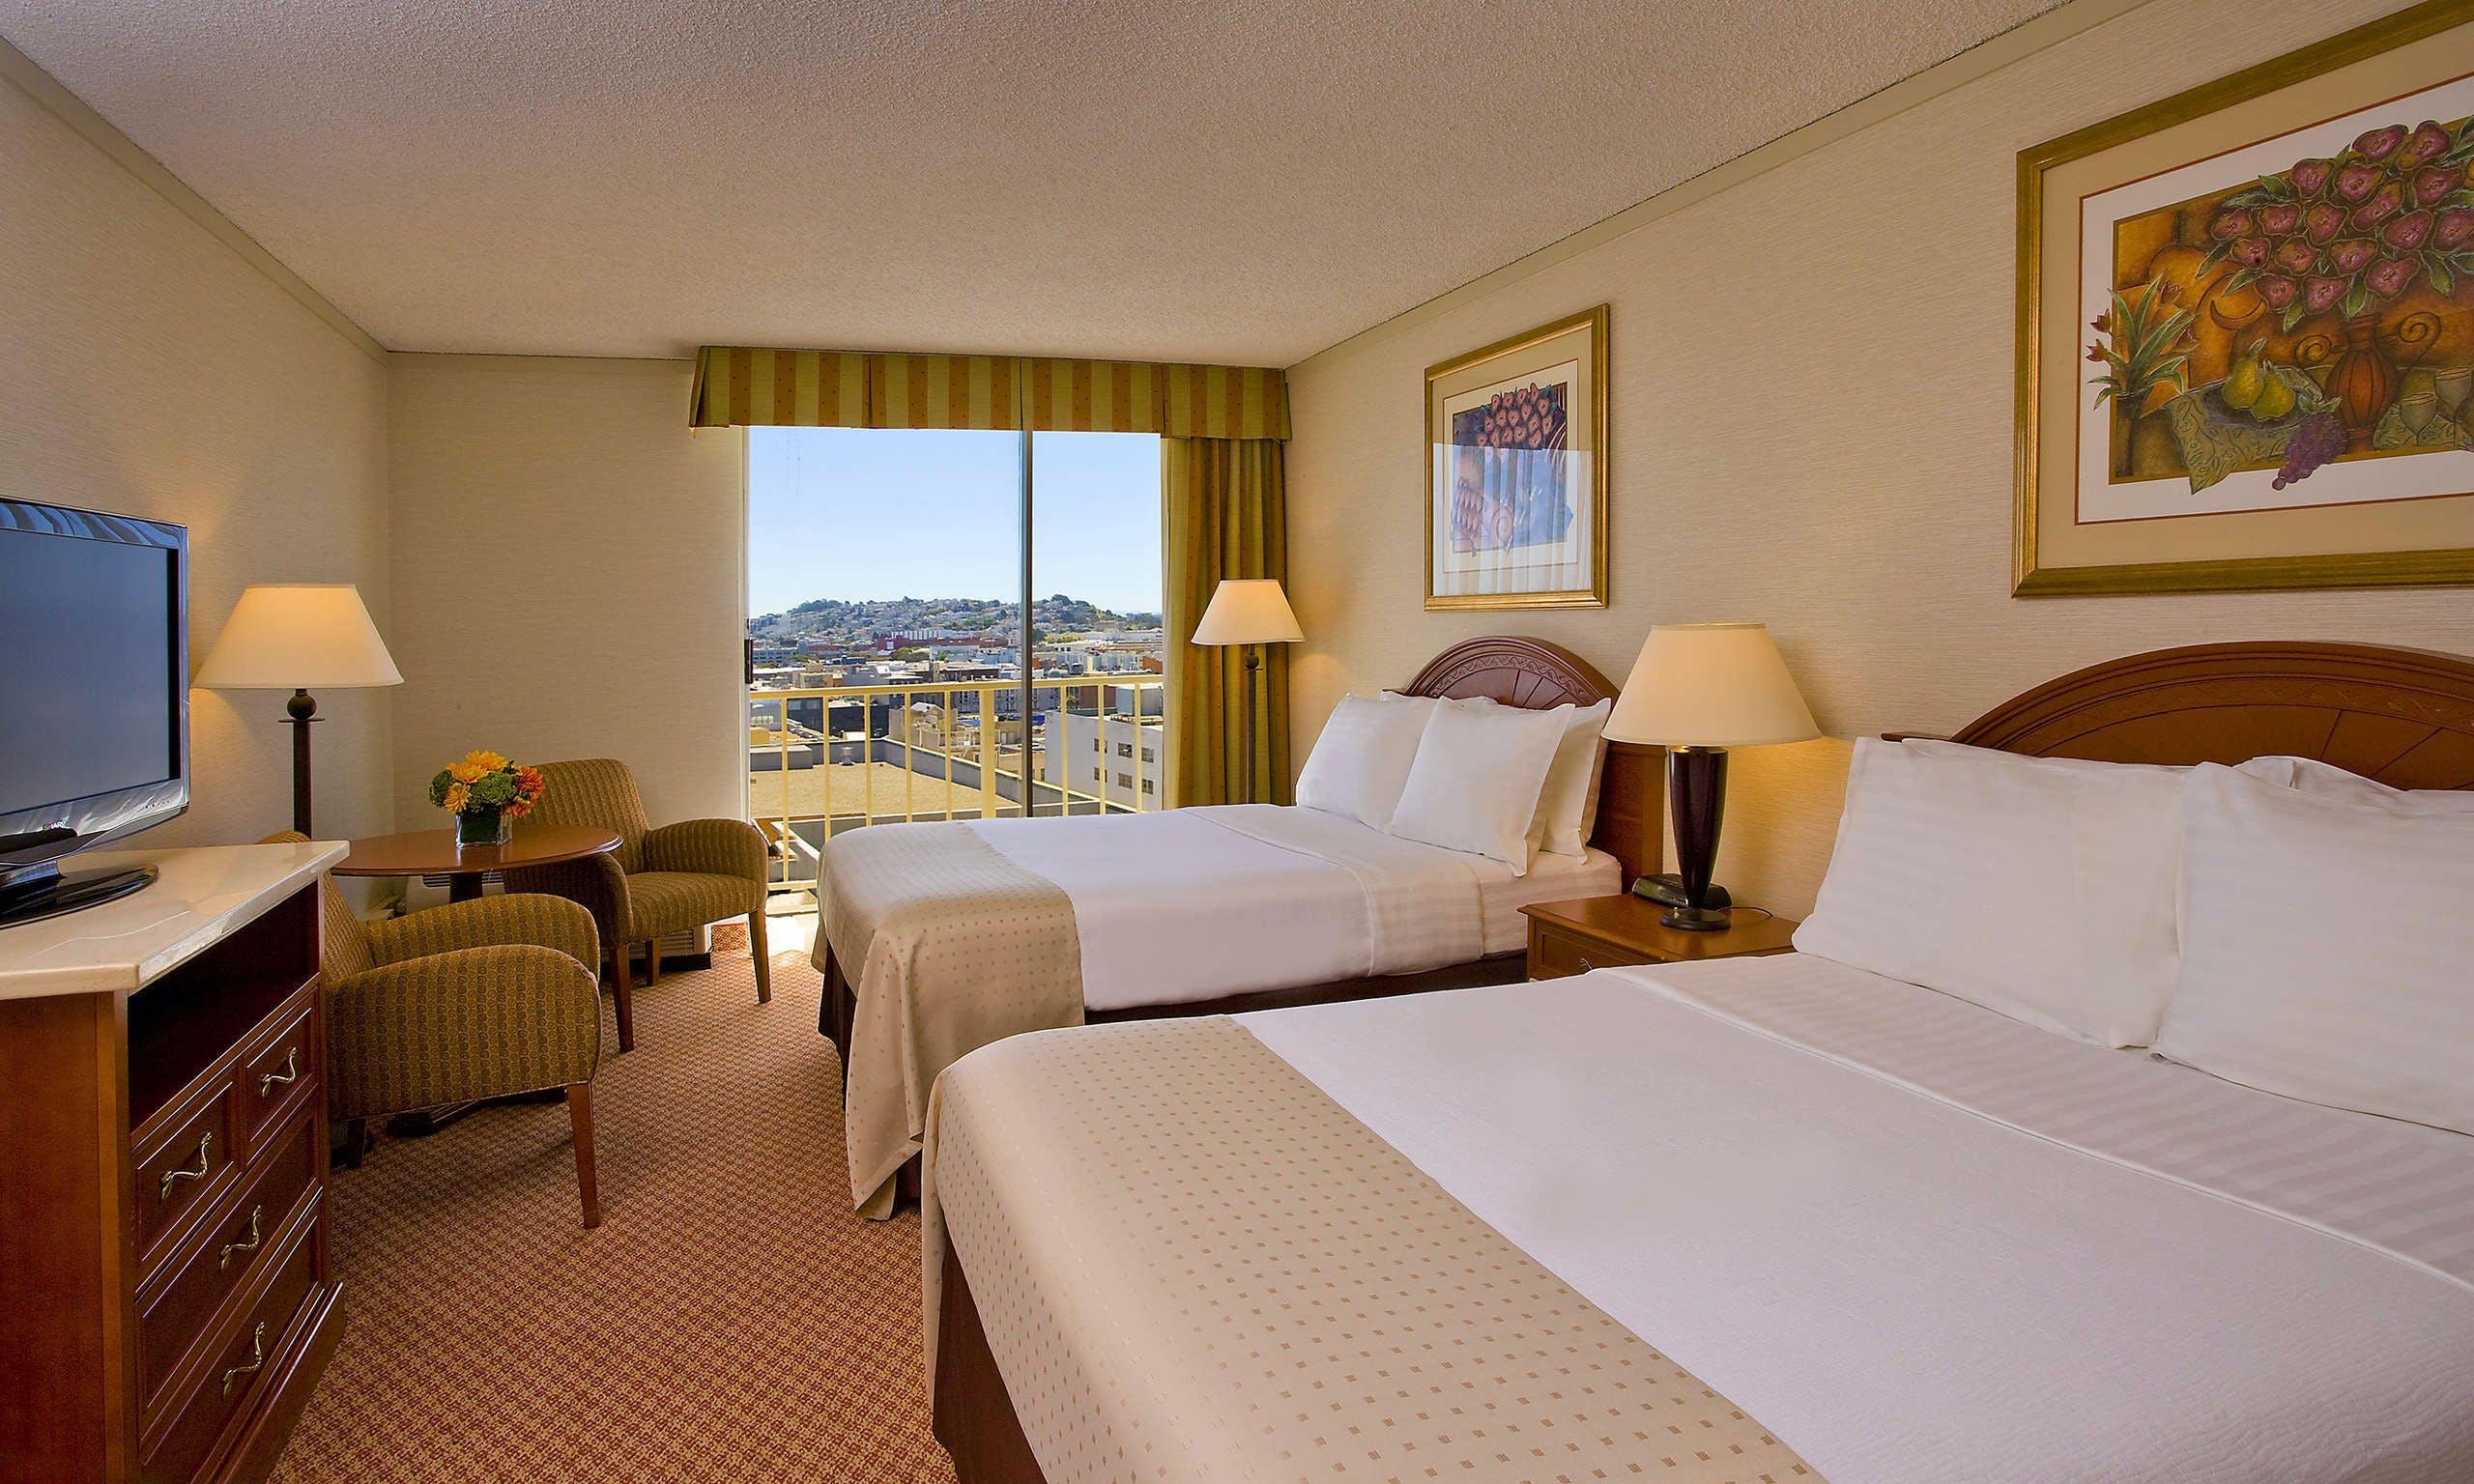 Last Minute Hotel Deals in San Francisco - HotelTonight